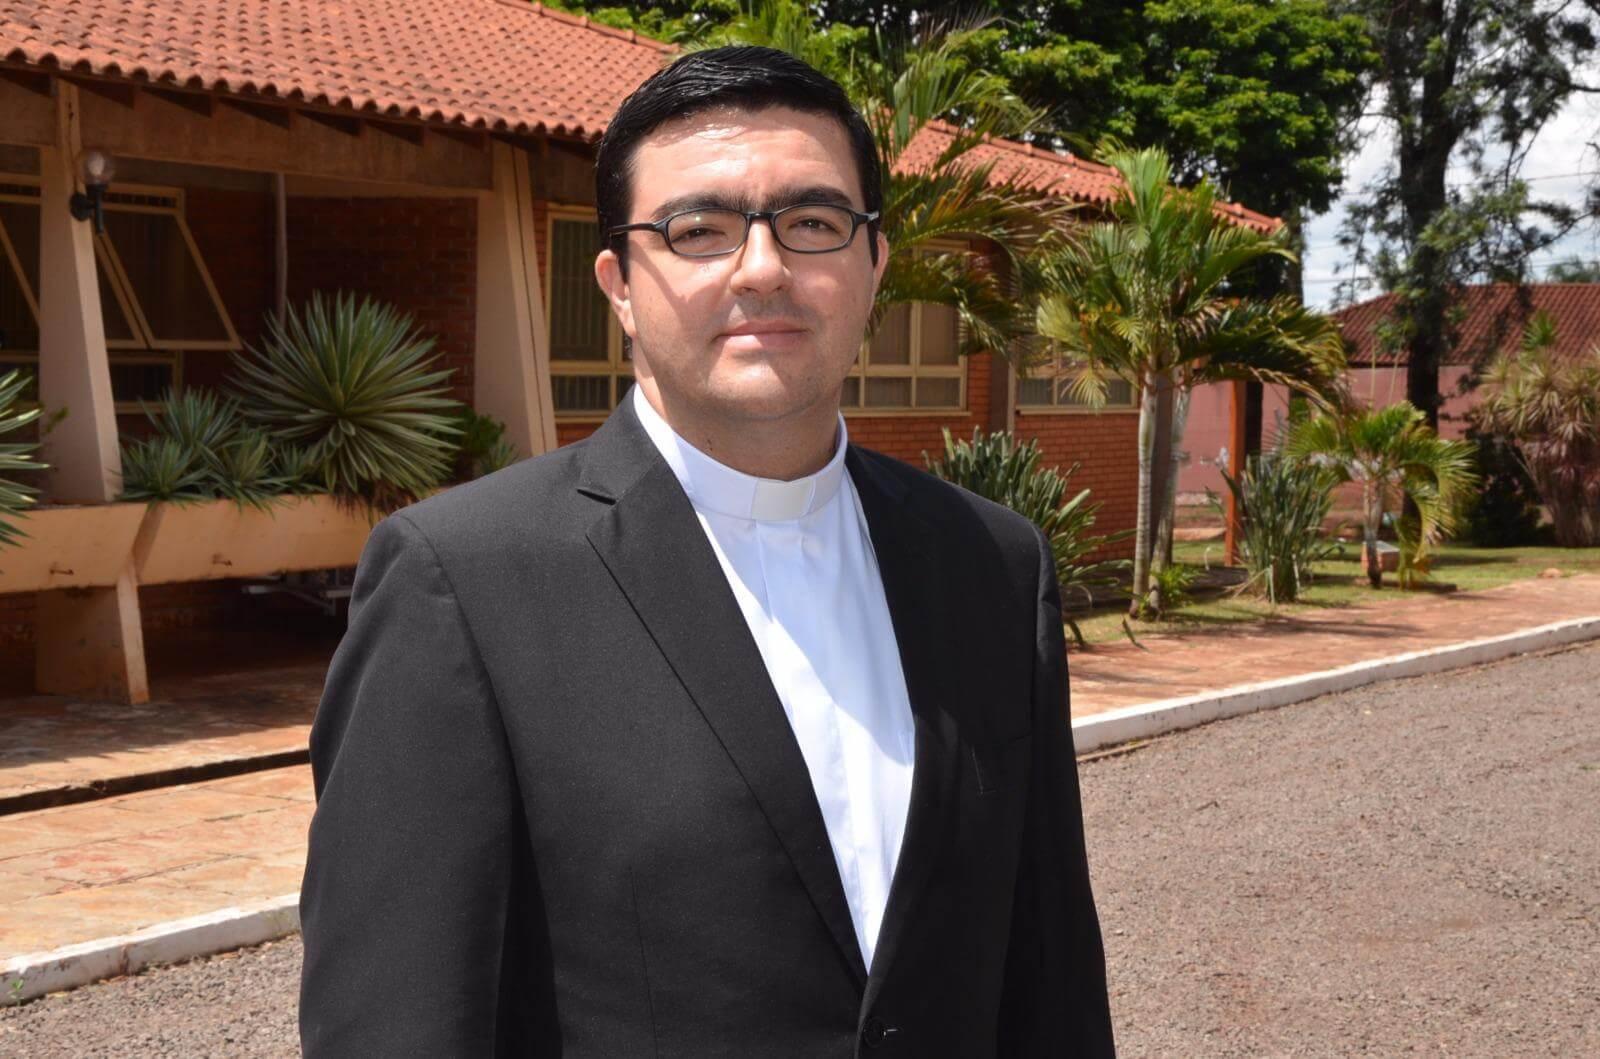 Foto do Padre Juan Diego comentando o Evangelho